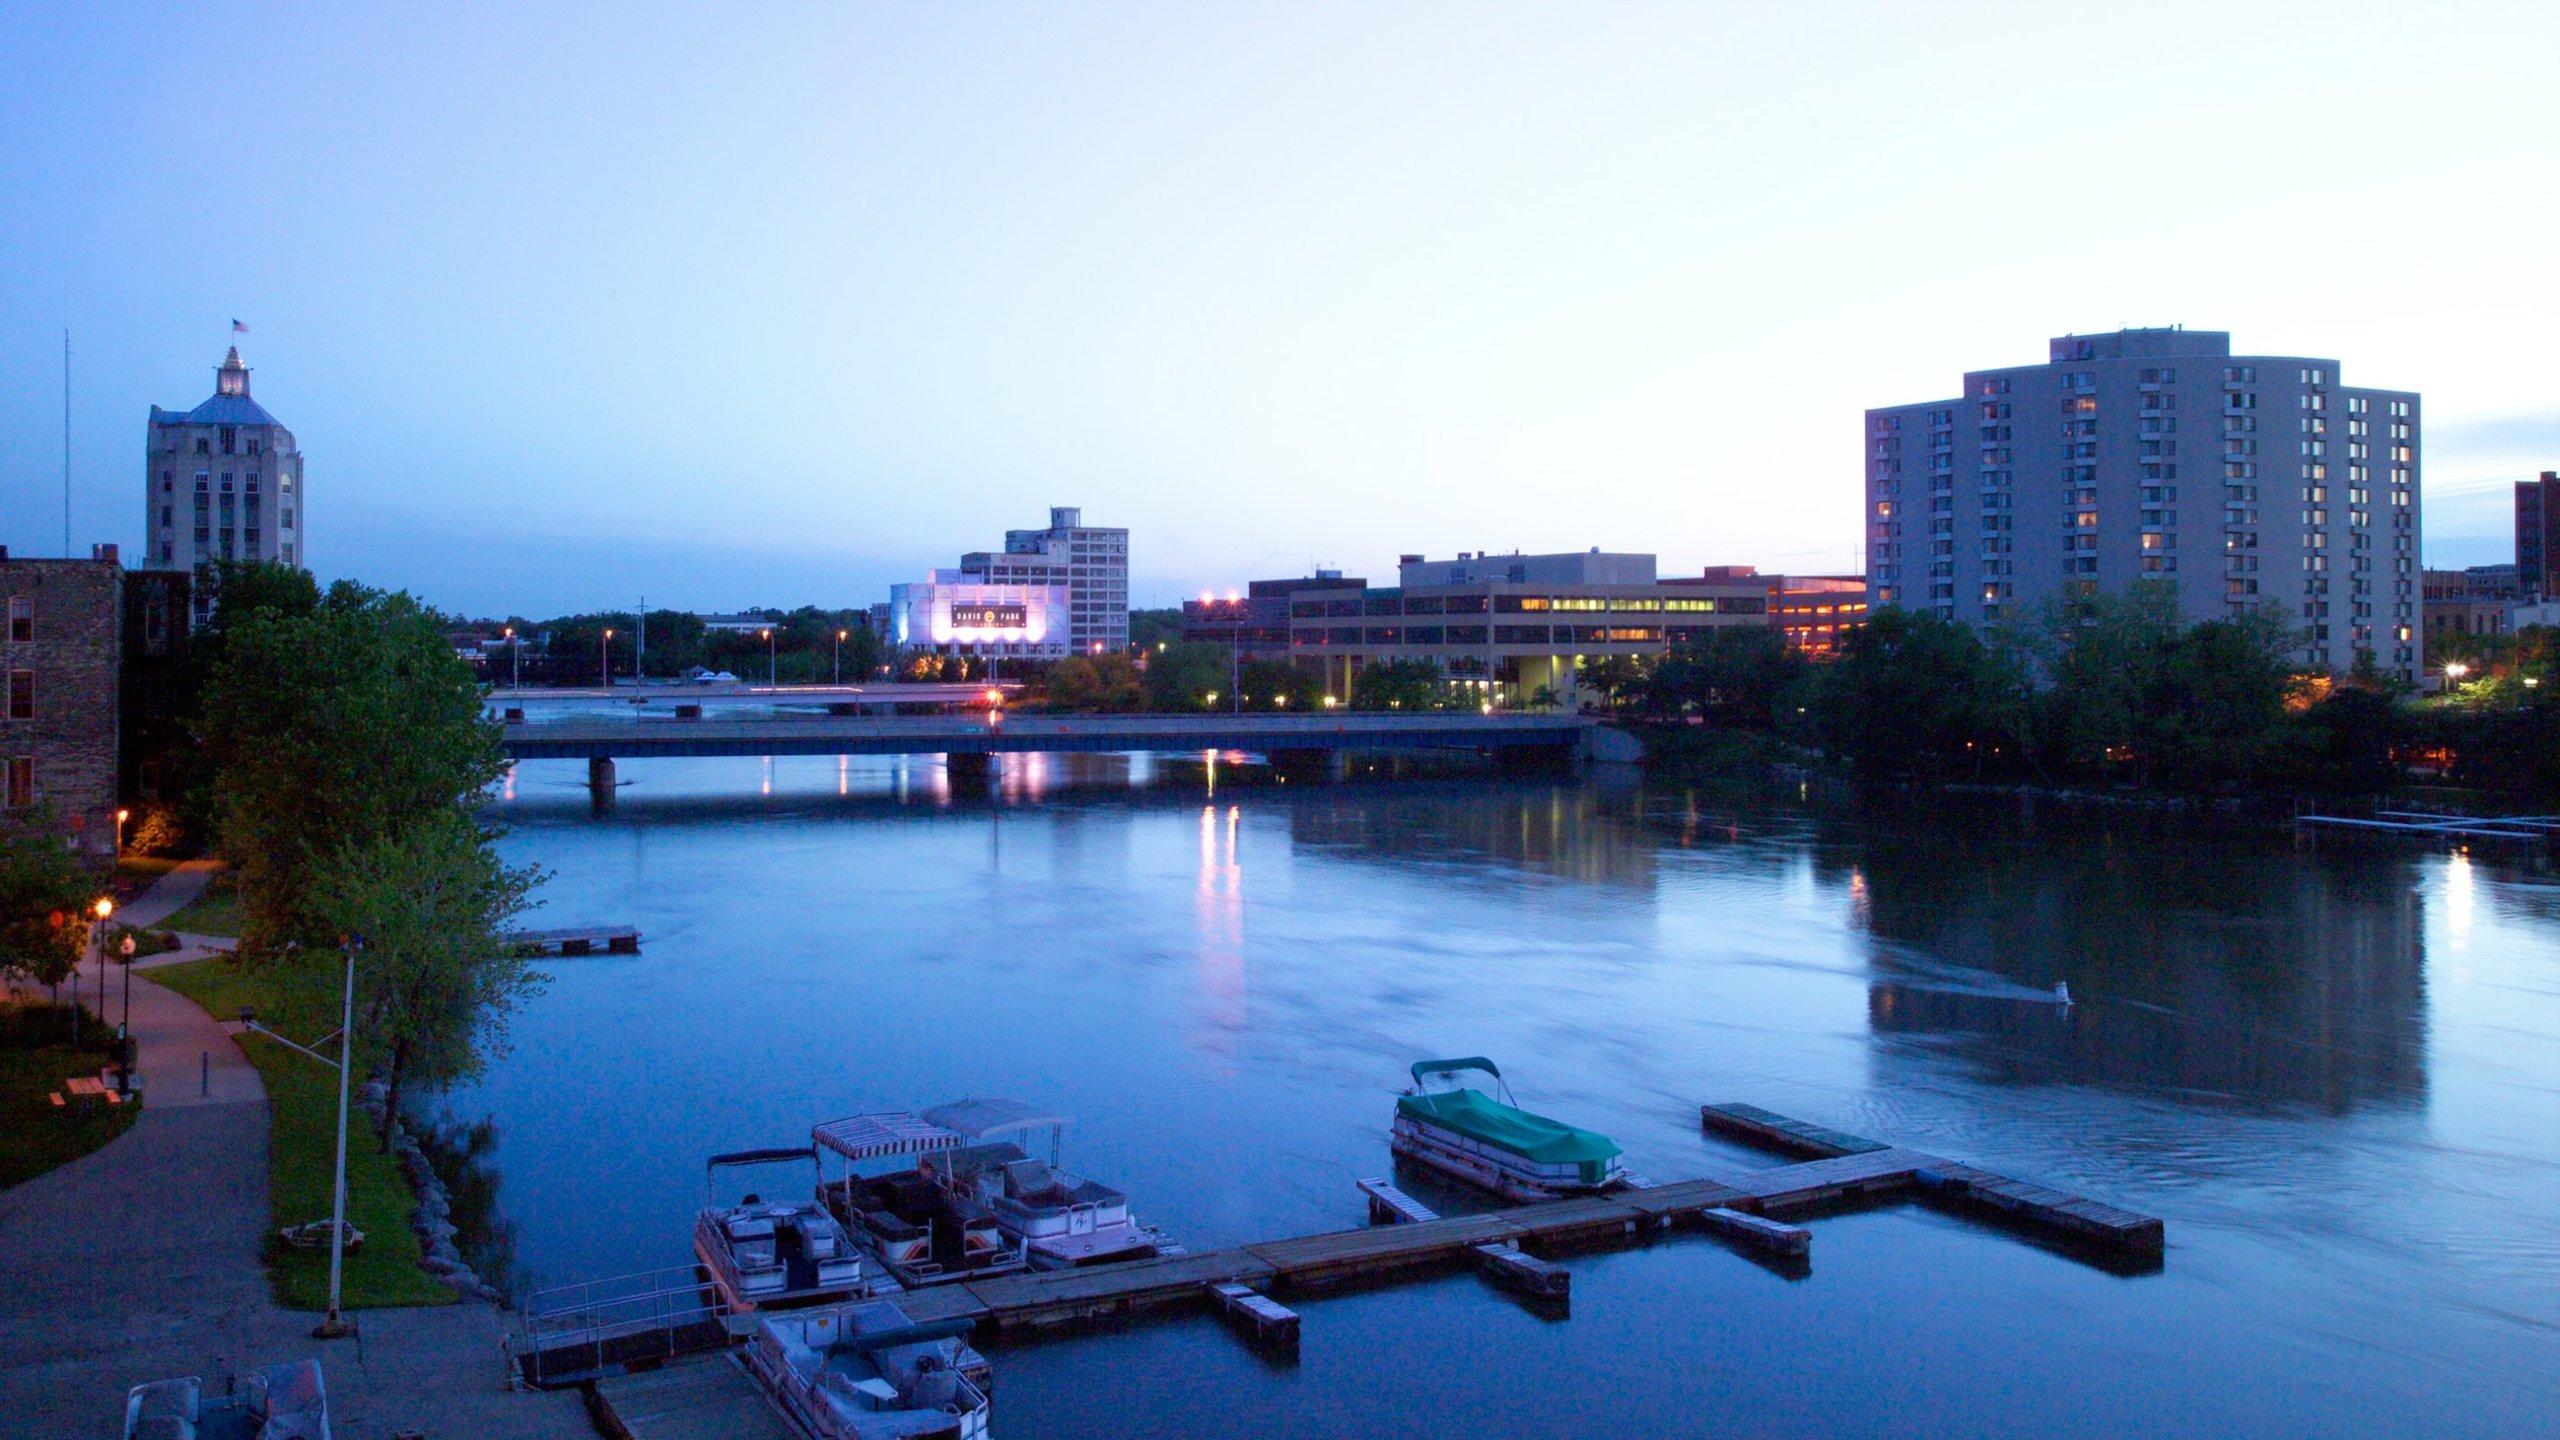 Rockford, Illinois, United States of America